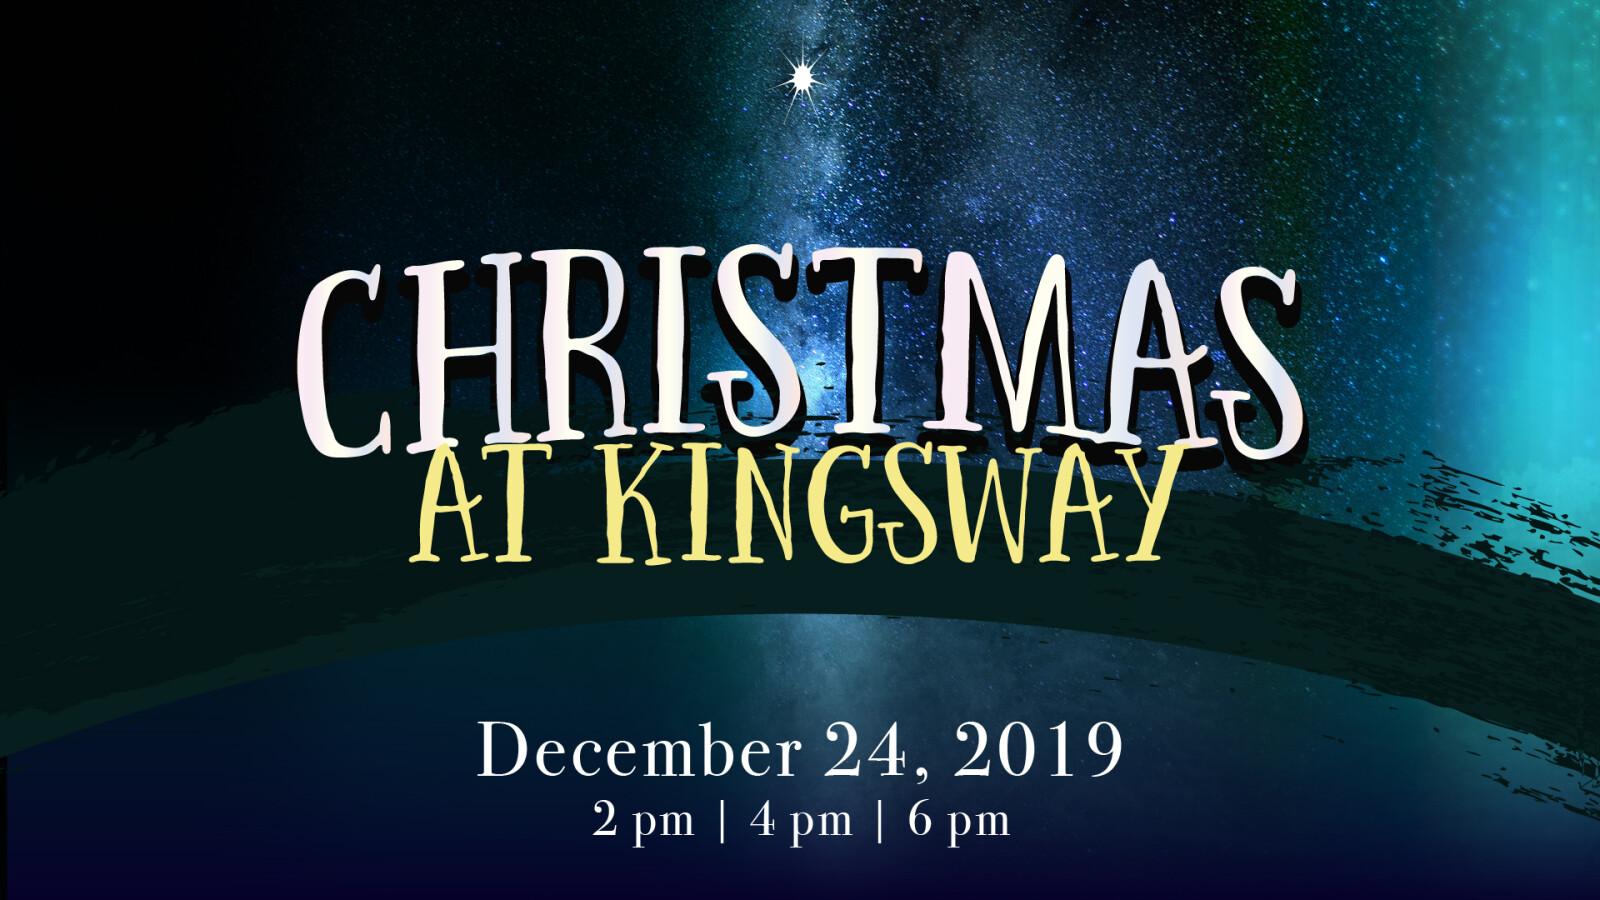 Christmas at Kingsway 2019